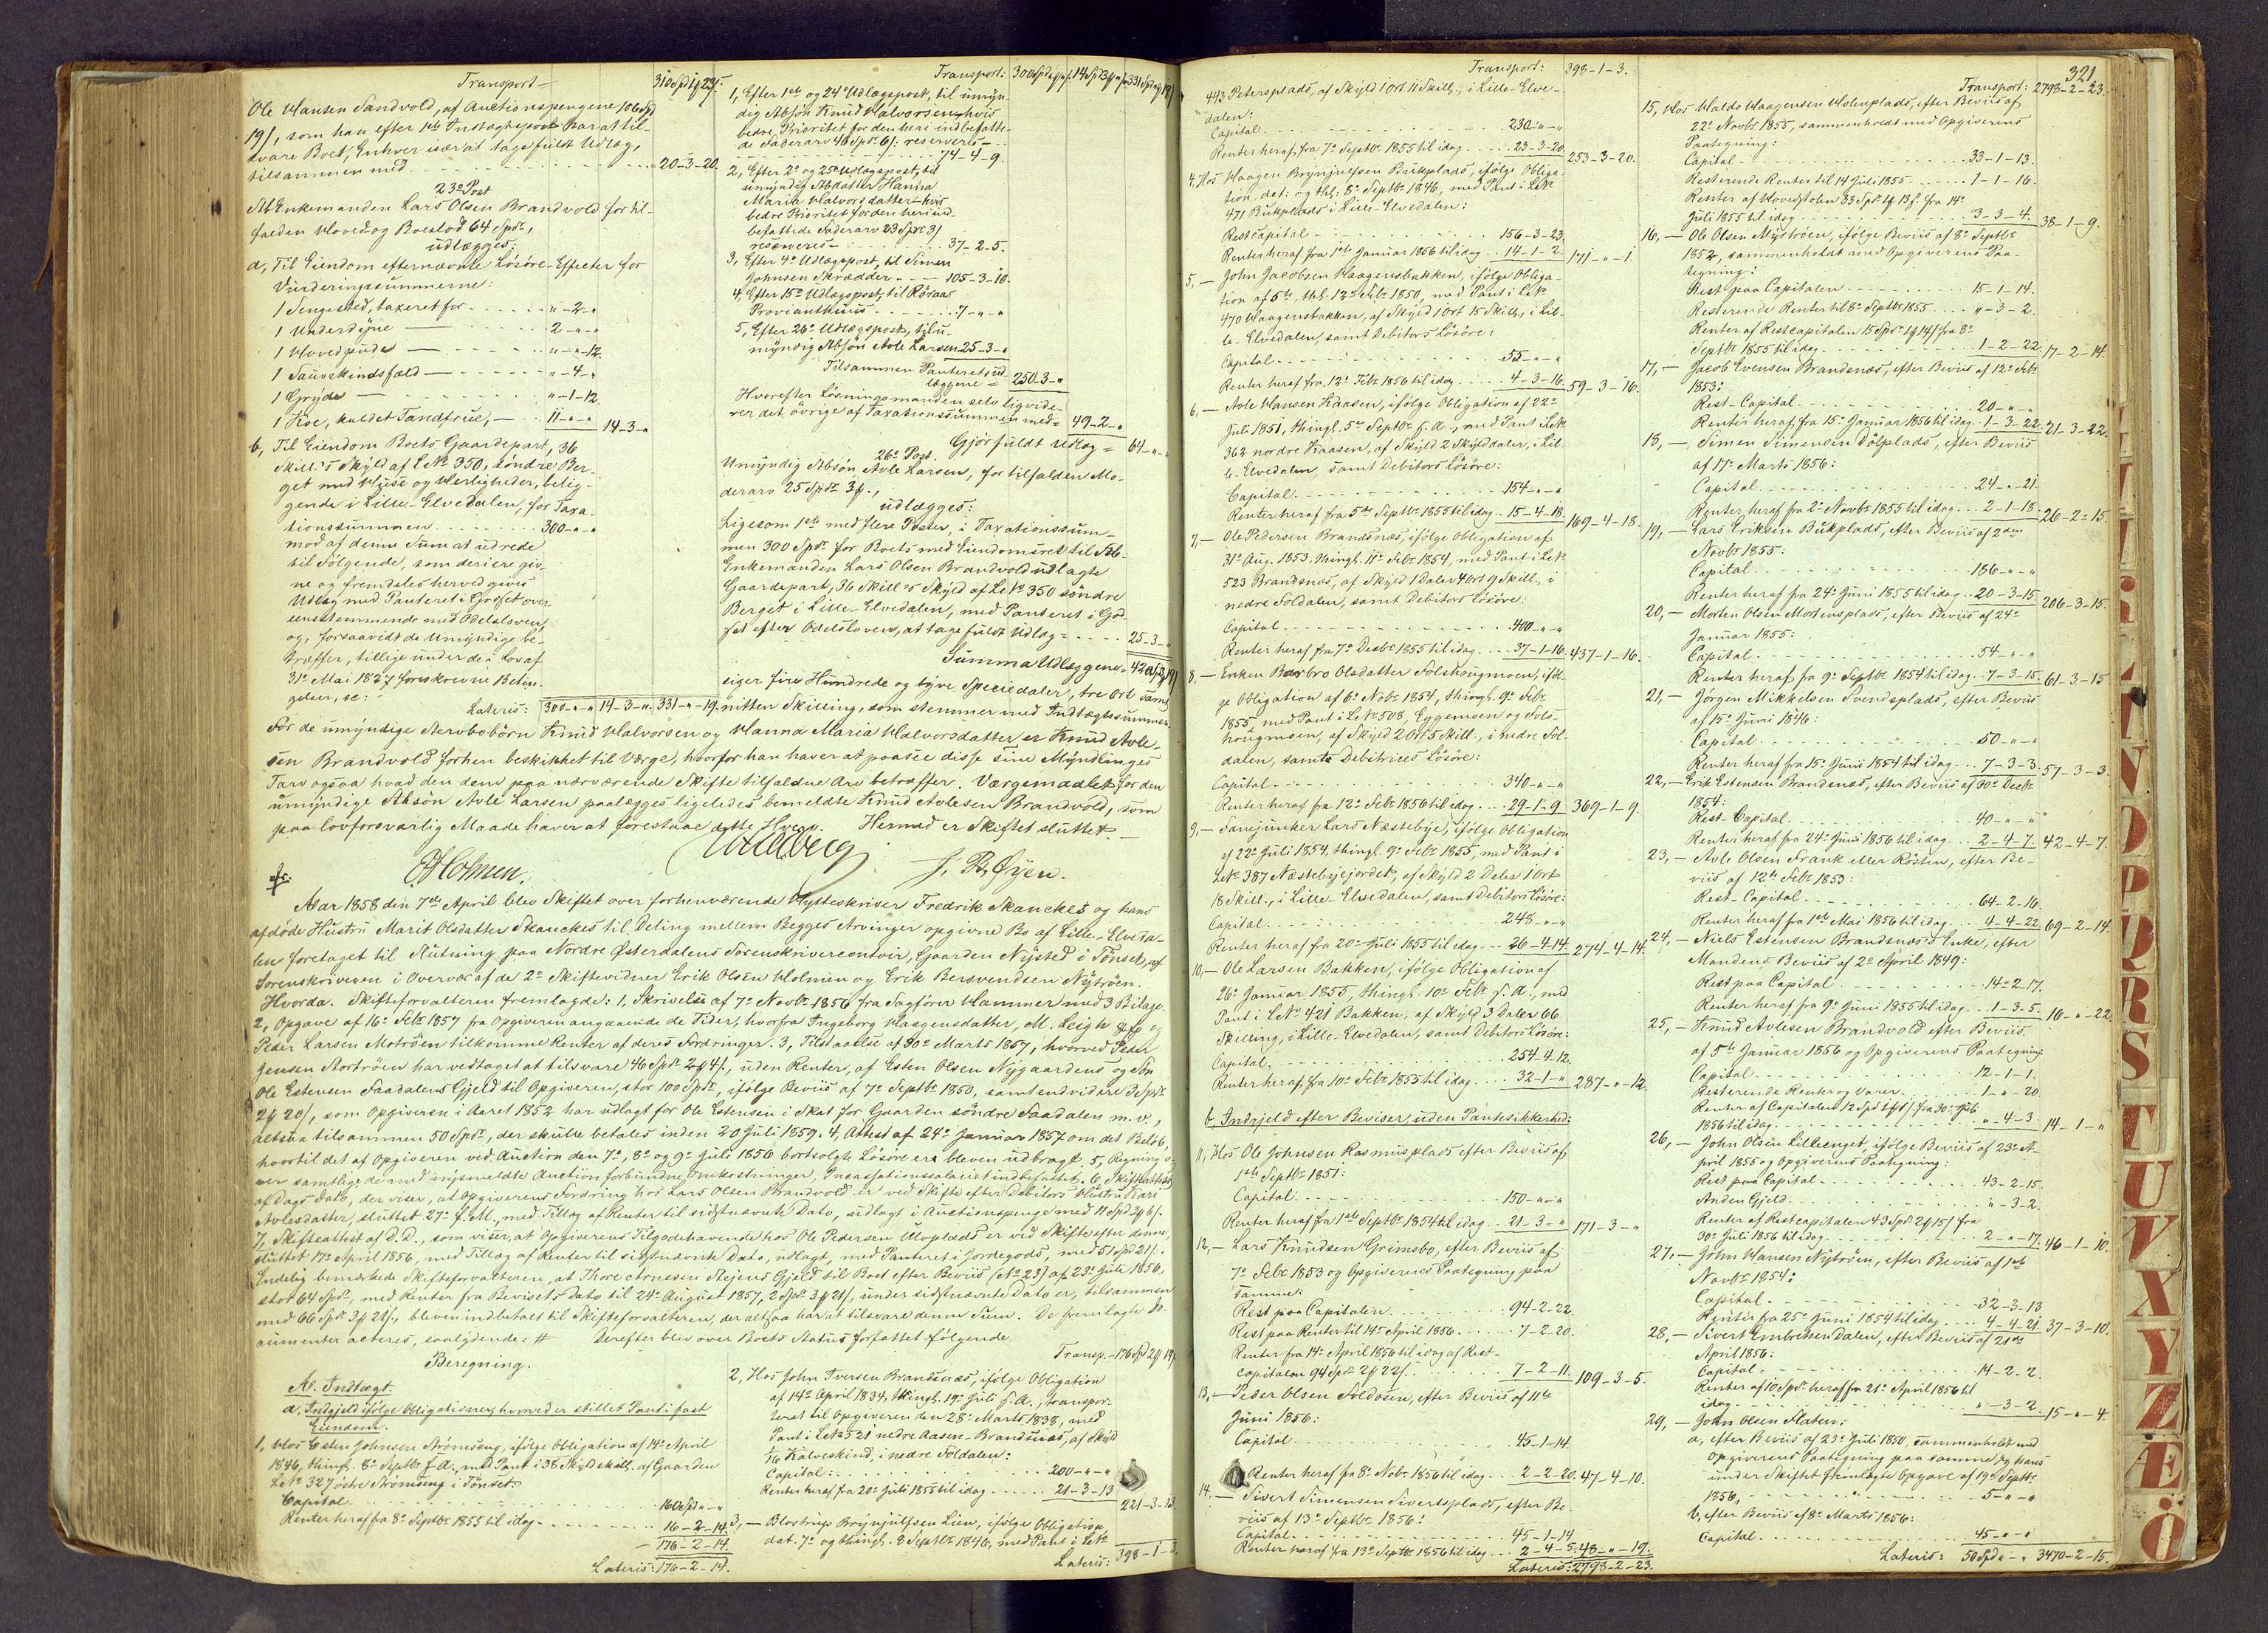 SAH, Nord-Østerdal tingrett, J/Jd/L0001: Skifteutlodningsprotokoll, 1847-1858, s. 321